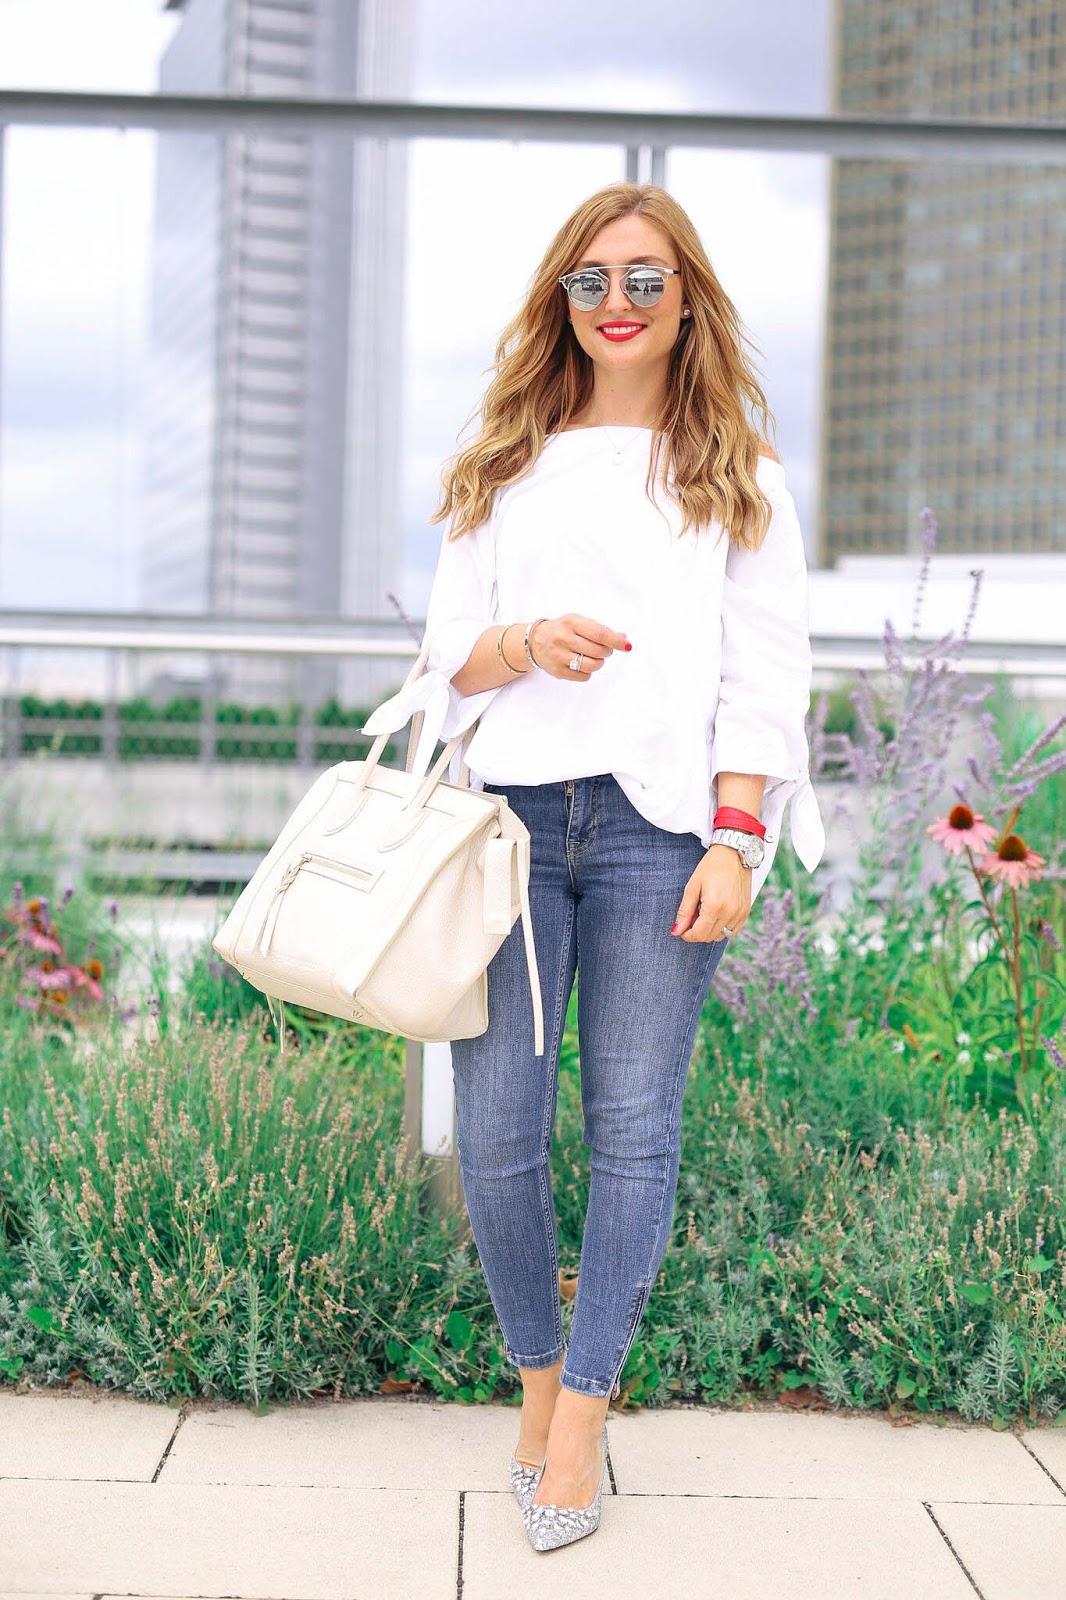 Fashionstylebyjohanna-glitter-heels-MiuMiu-celine-bag-fashionblogger-aus-deutschland-deutsche-fashionblogger